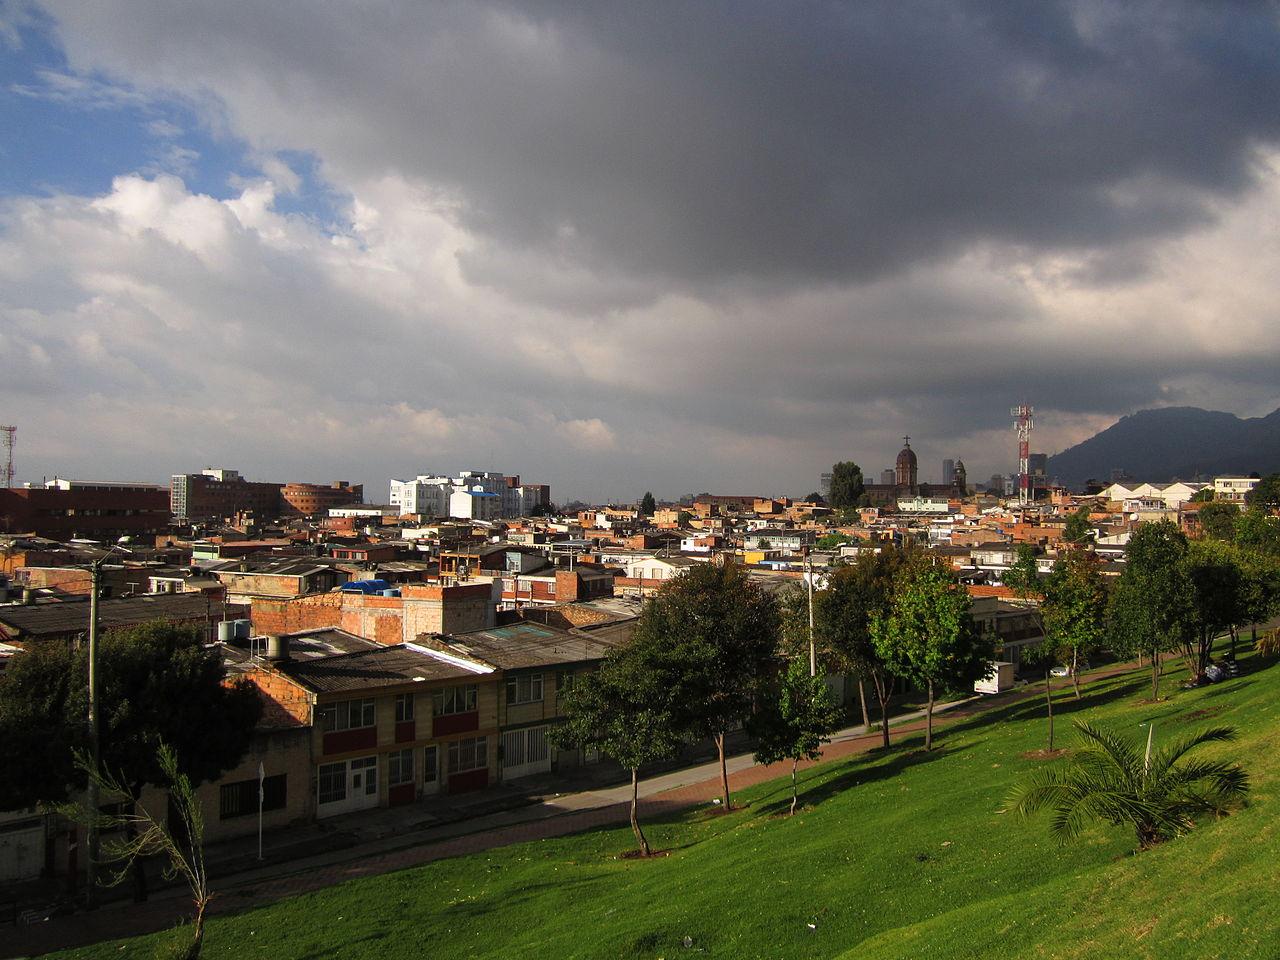 Original file 4 320 3 240 pixels file size mb for Barrio ciudad jardin sur bogota